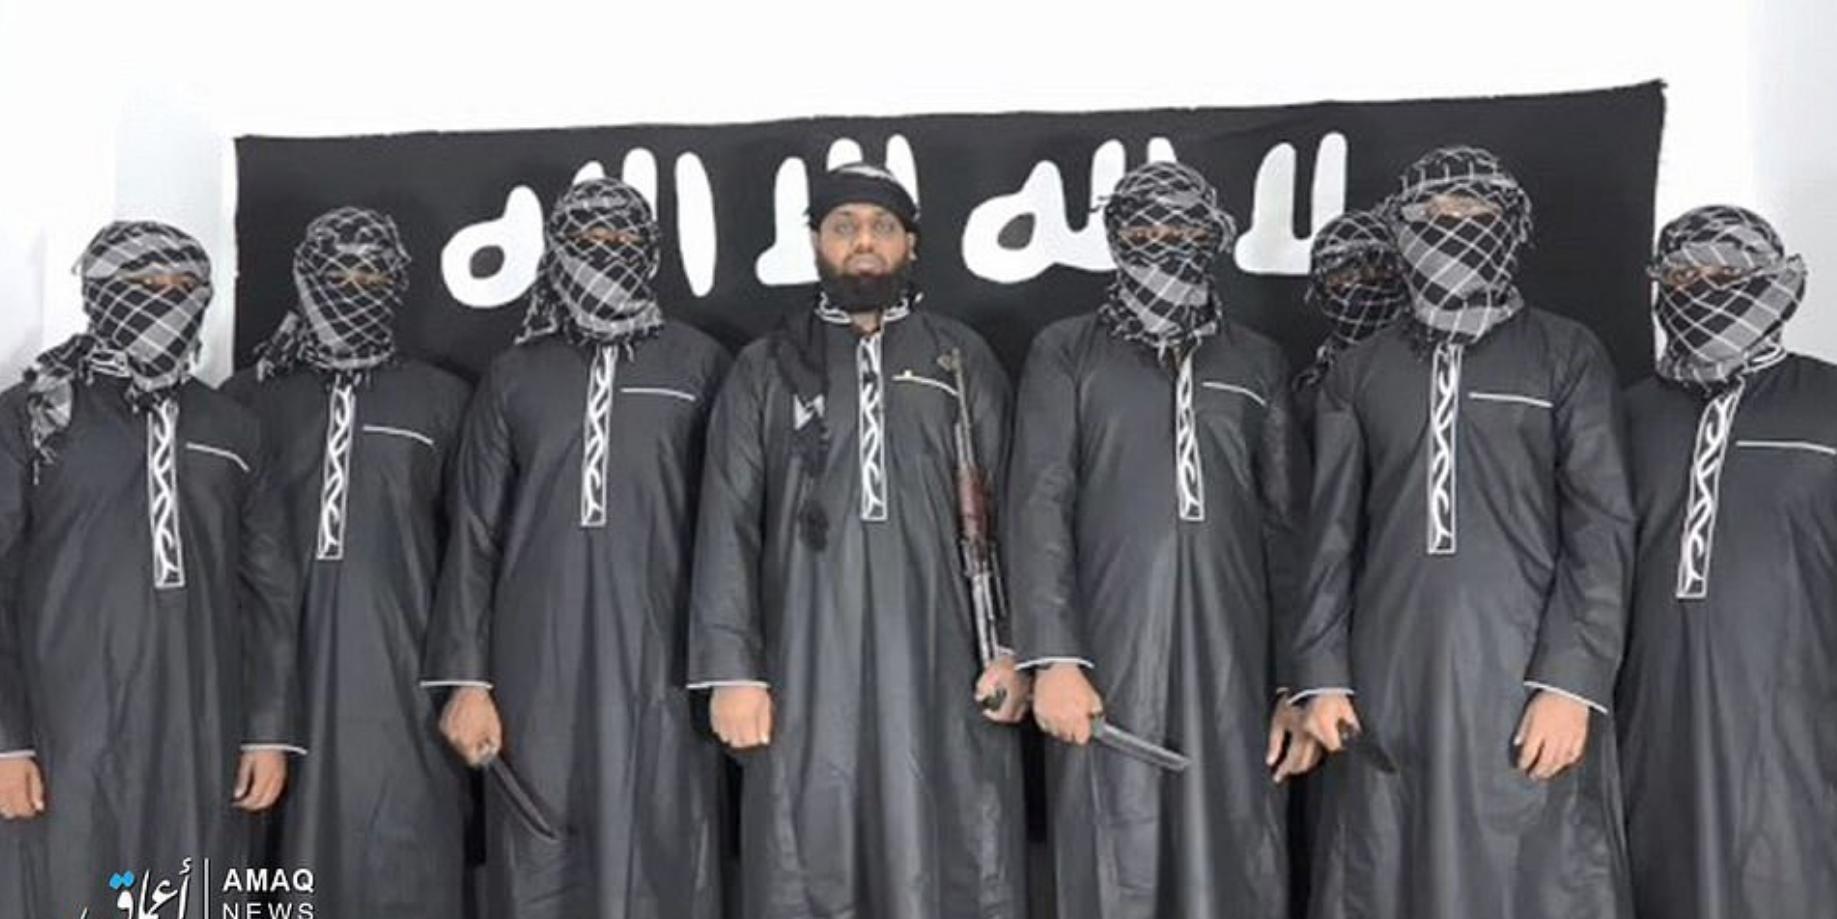 Οι αδελφοί Ιμπραήμ πιστεύεται ότι εικονίζονται σ' αυτή τη φωτογραφία που δημοσίευσε το προπαγανδιστικό πρακτορείου του ISIS μαζί με τον Μουλβί Ζαχράν Χασίμ, ηγέτη της ισλαμιστής οργάνωσης της Σρι Λάνκα National Thawheed Jamaath.